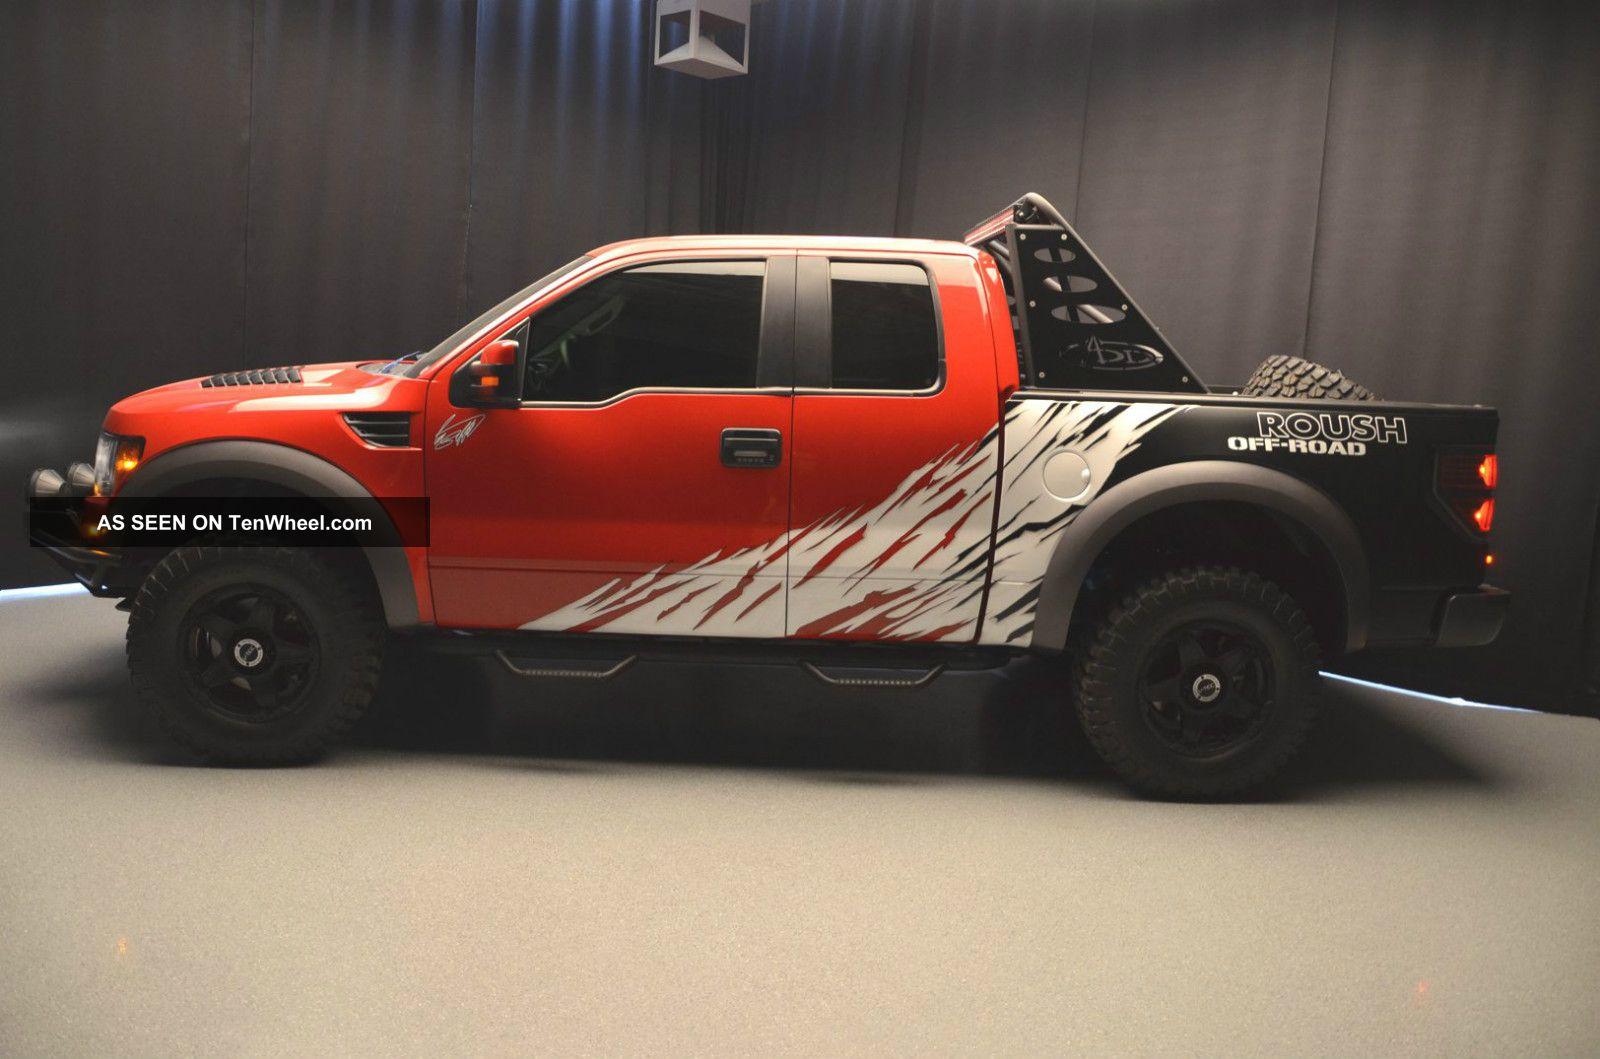 2012 Ford / Roush Svt Raptor F-150 photo